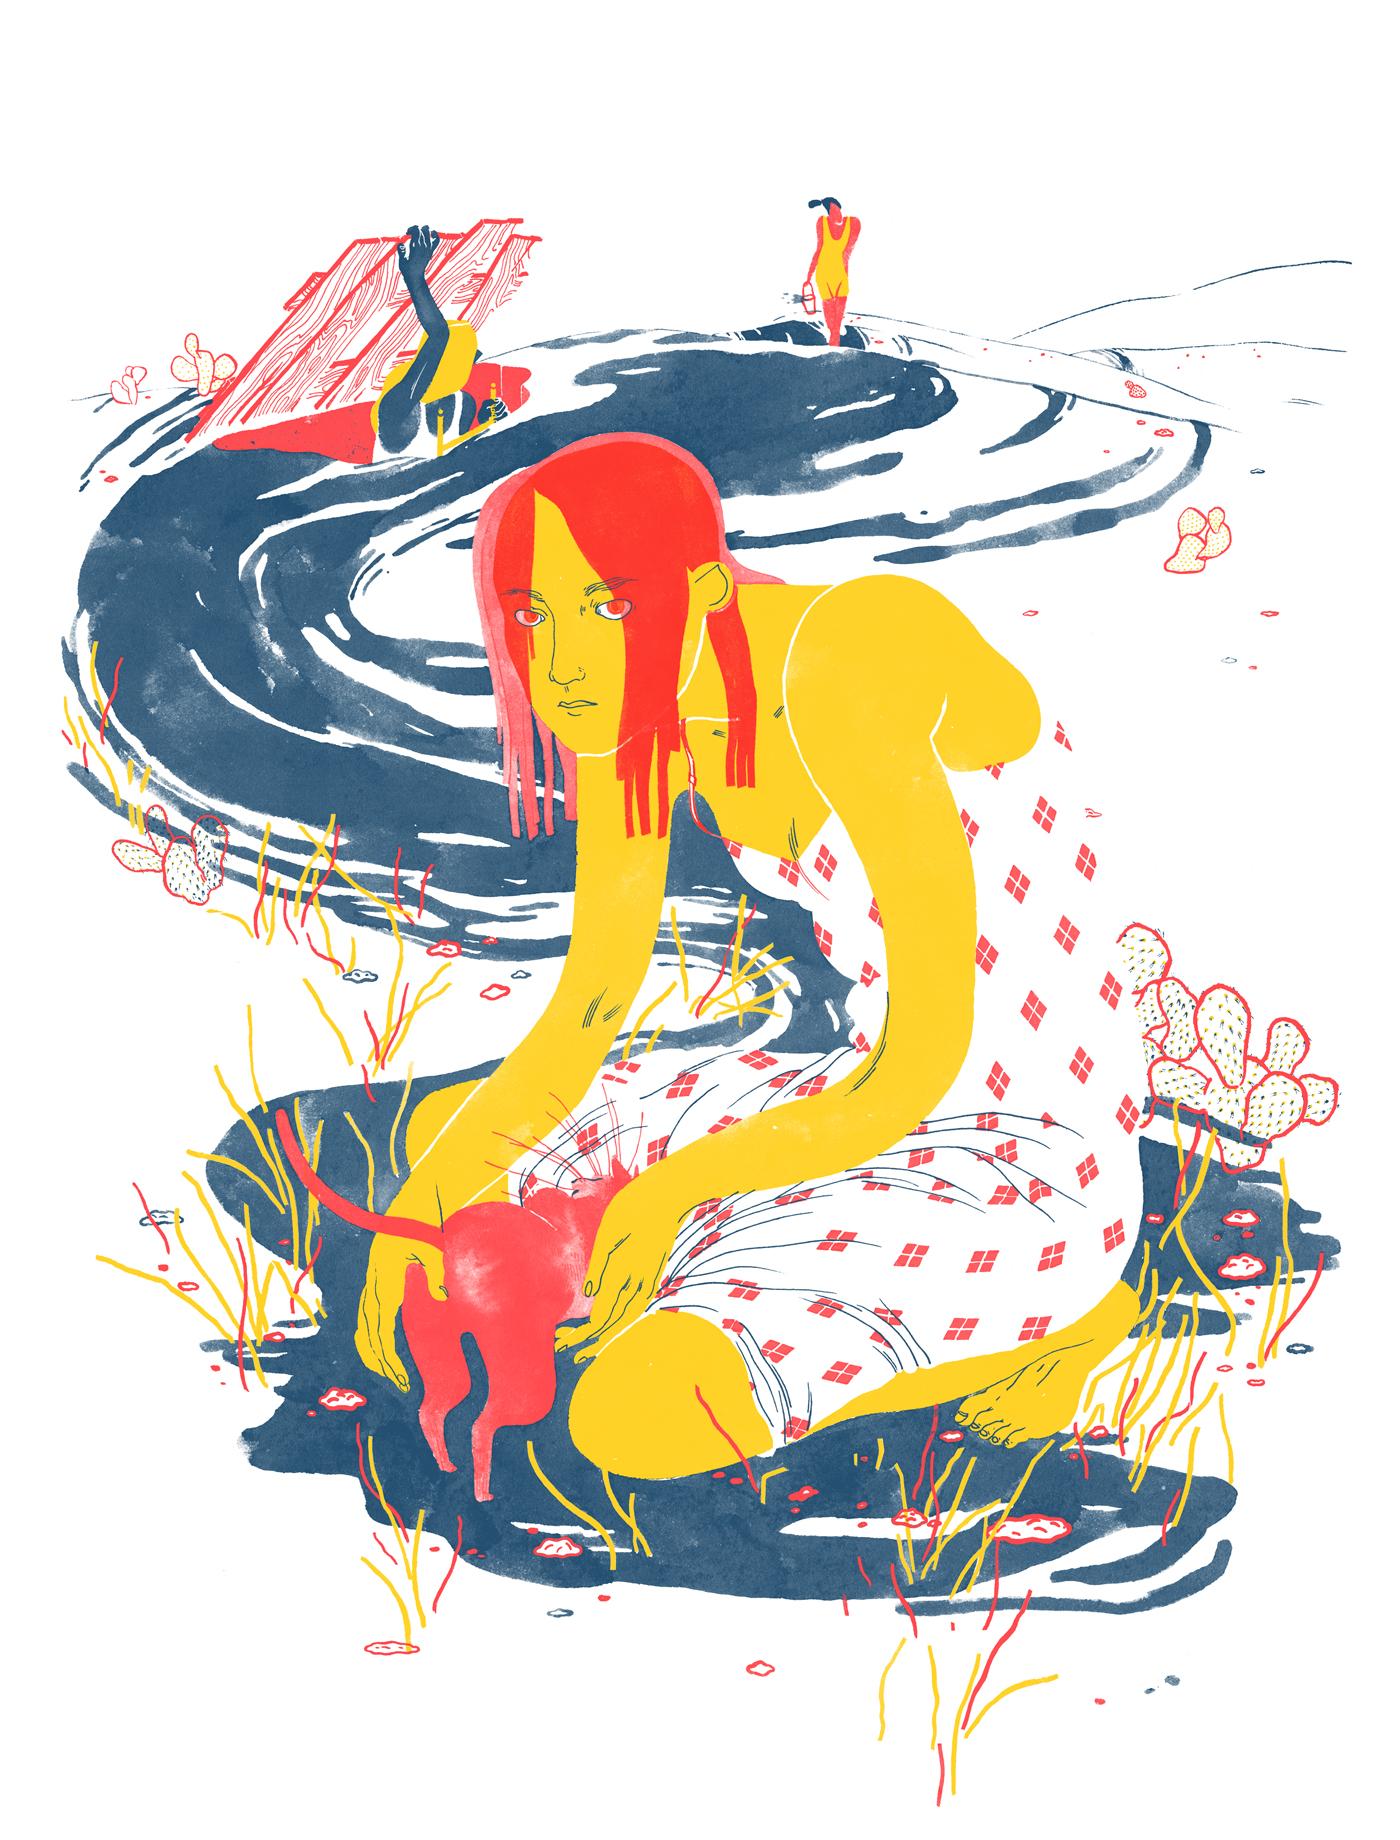 Margherita Morotti - progetto personale, ecoline su carta, colorazione digitale